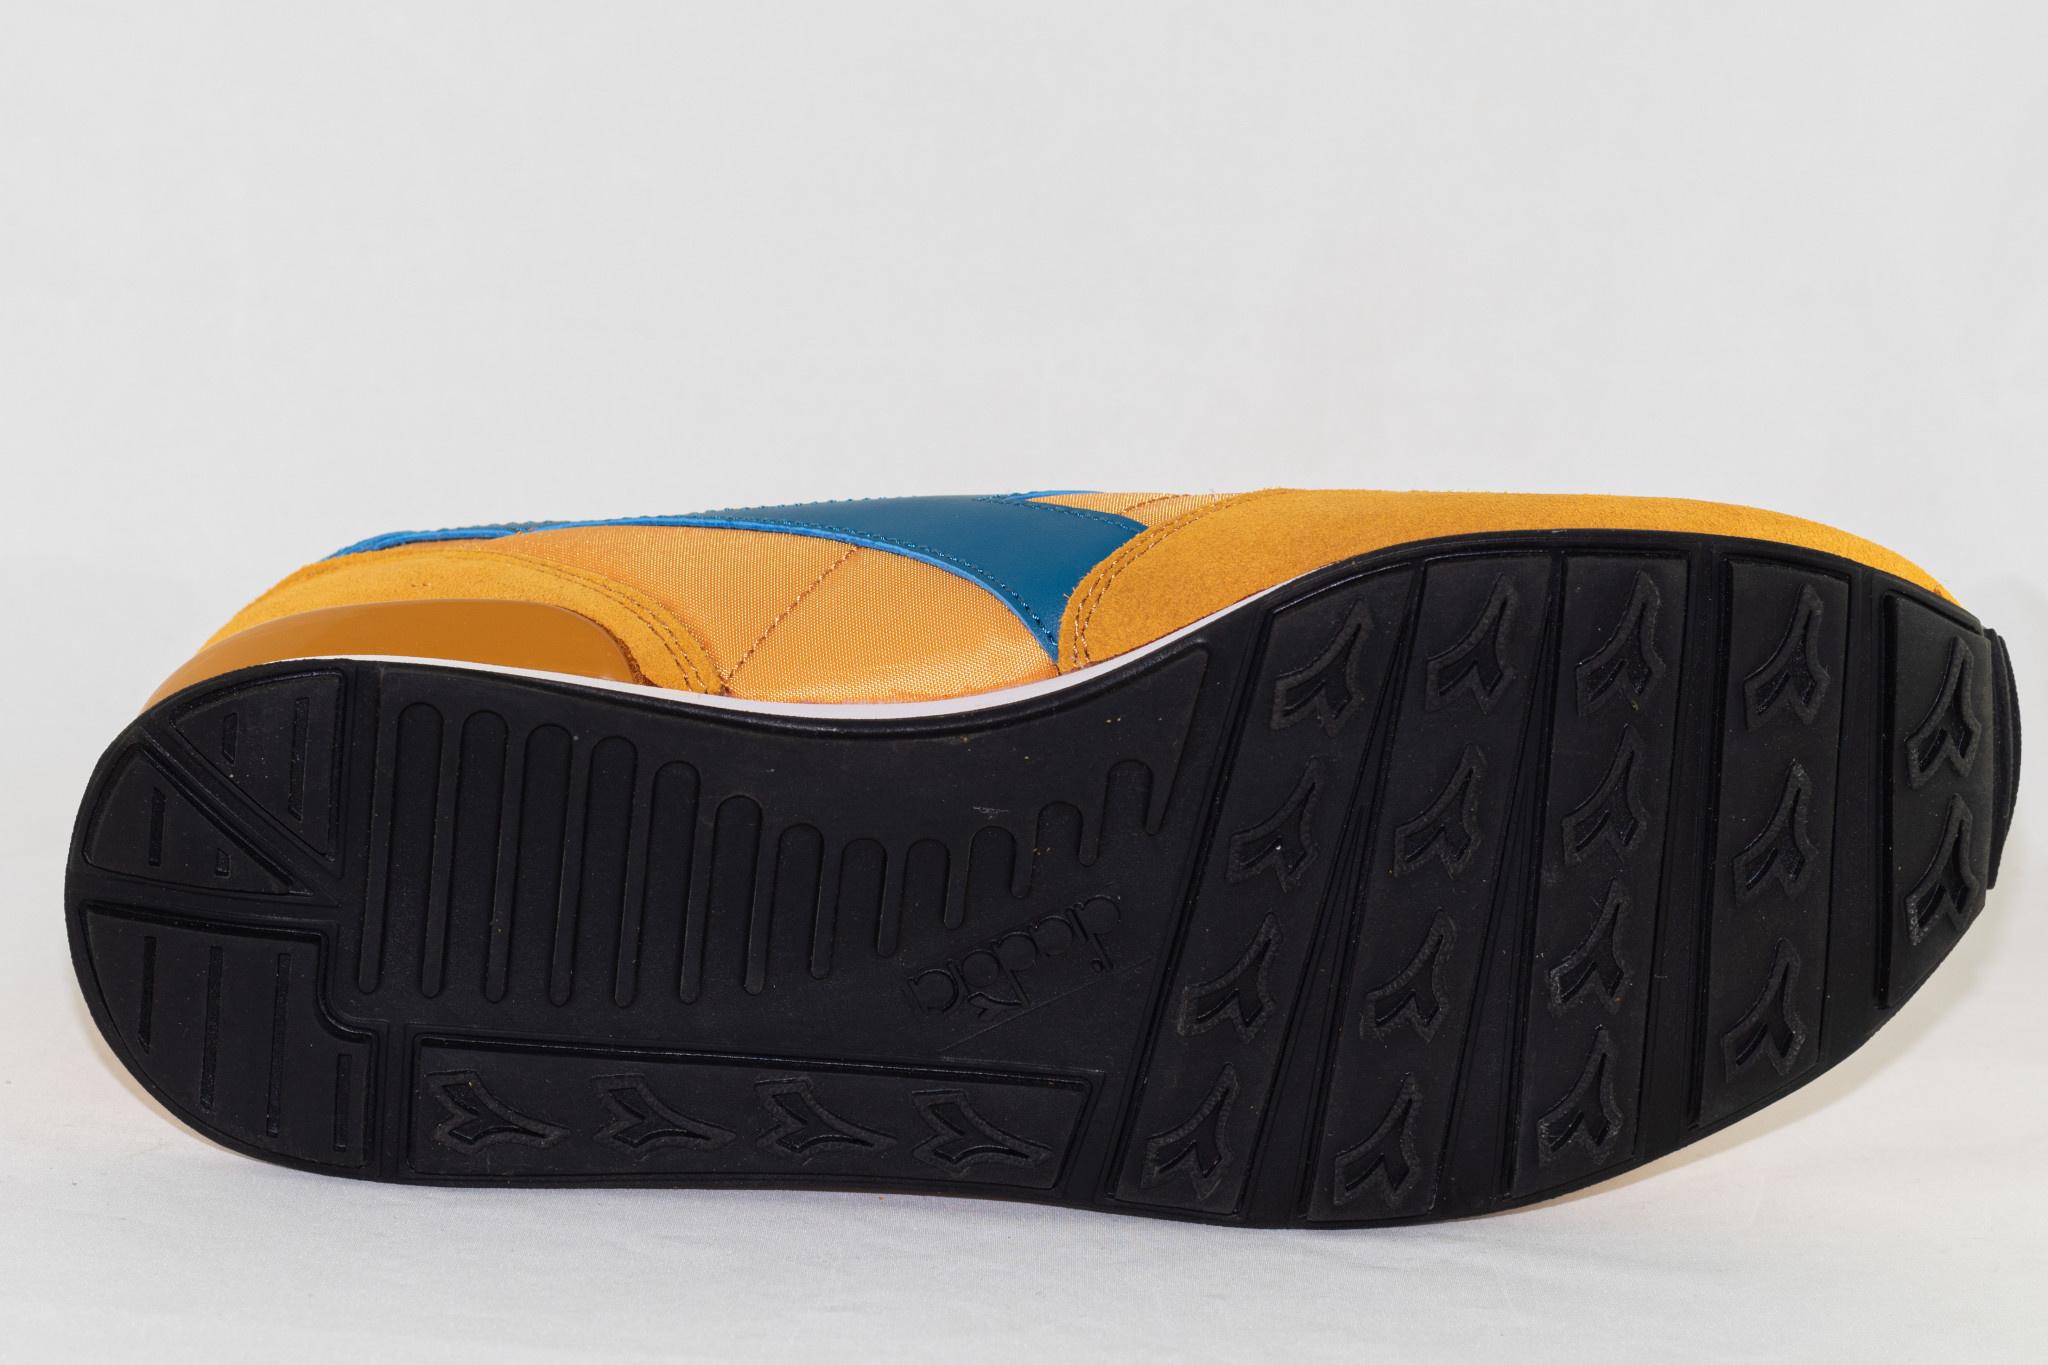 DIADORA CAMARO Artisans Gold/ Blue Sapphire